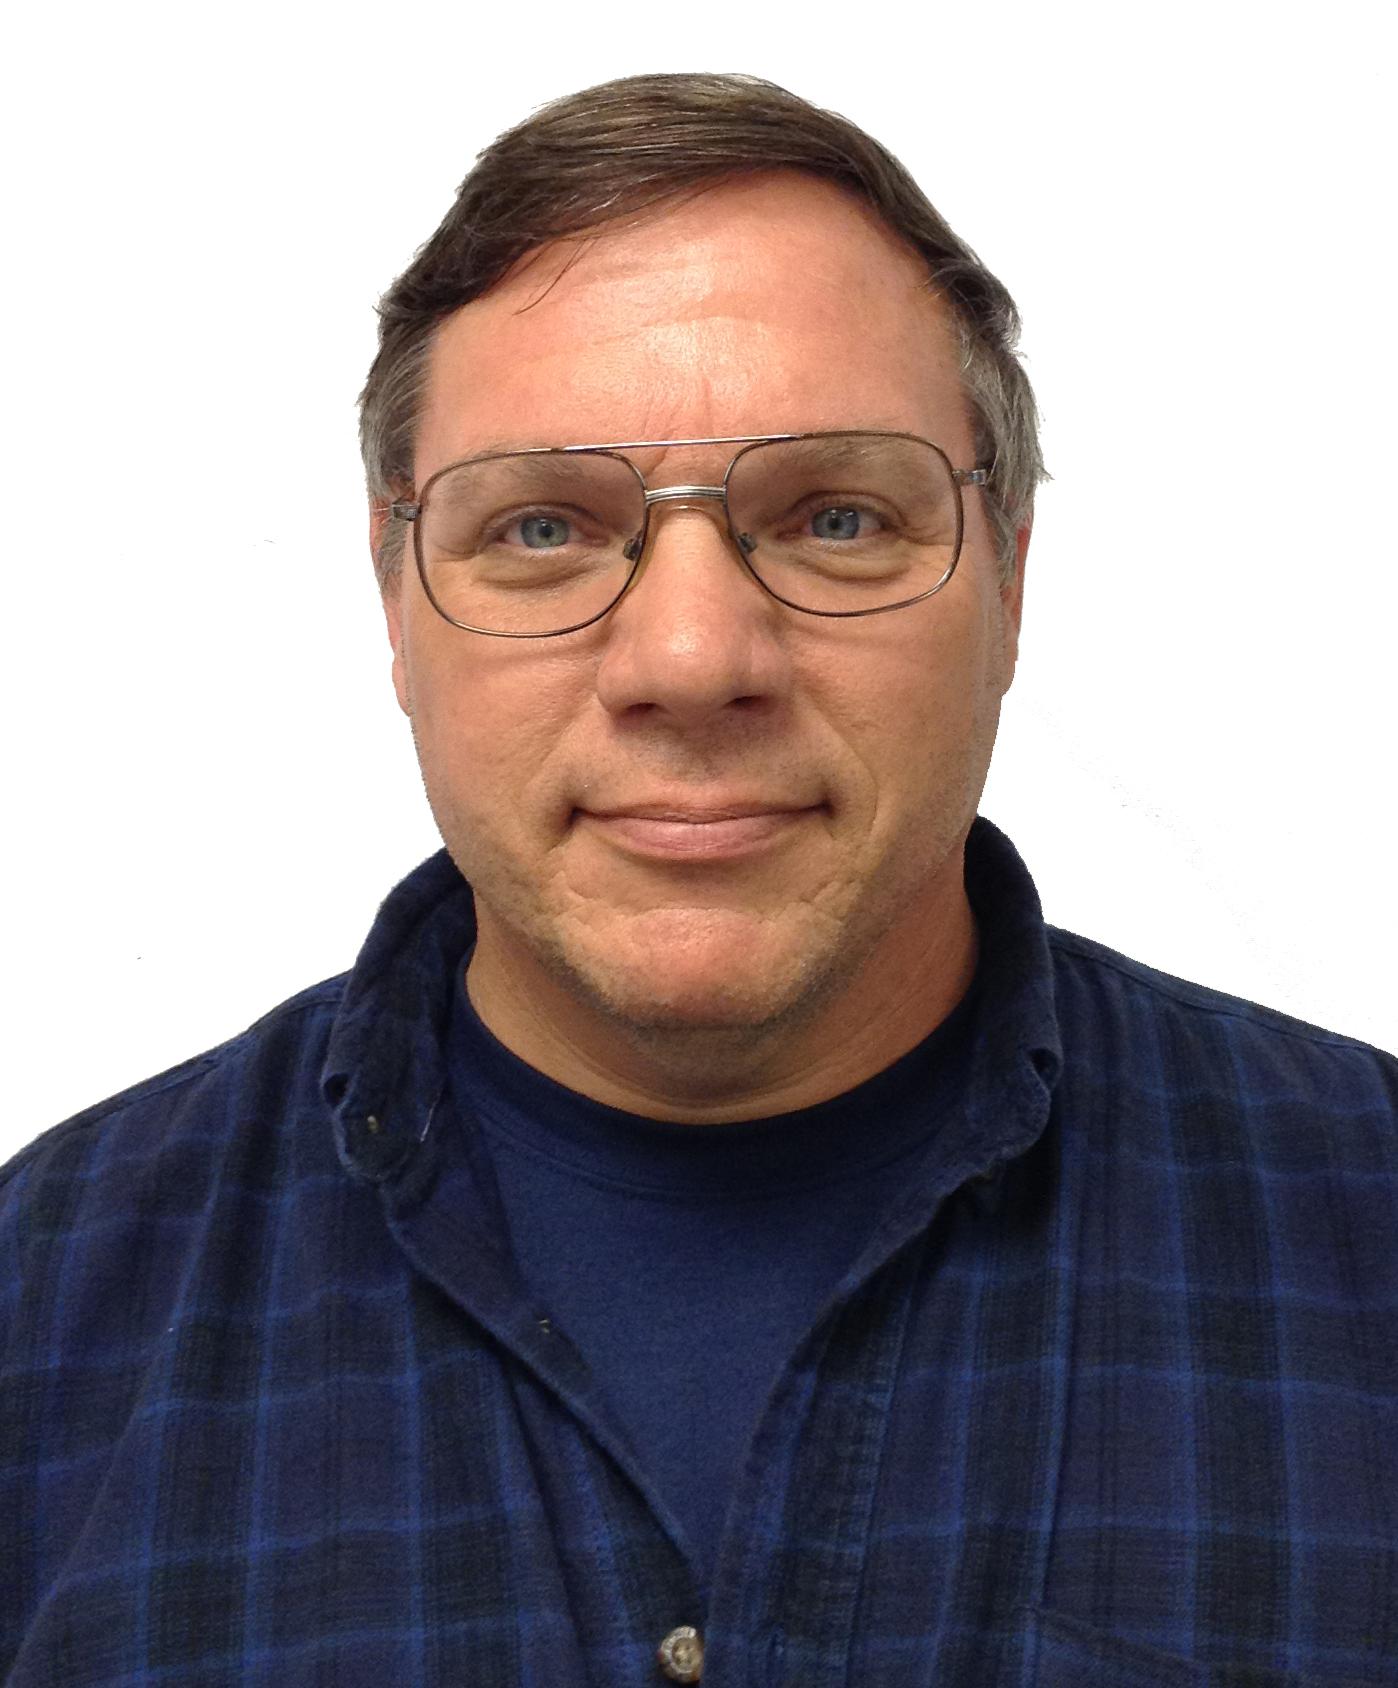 Dan Latterman Picture